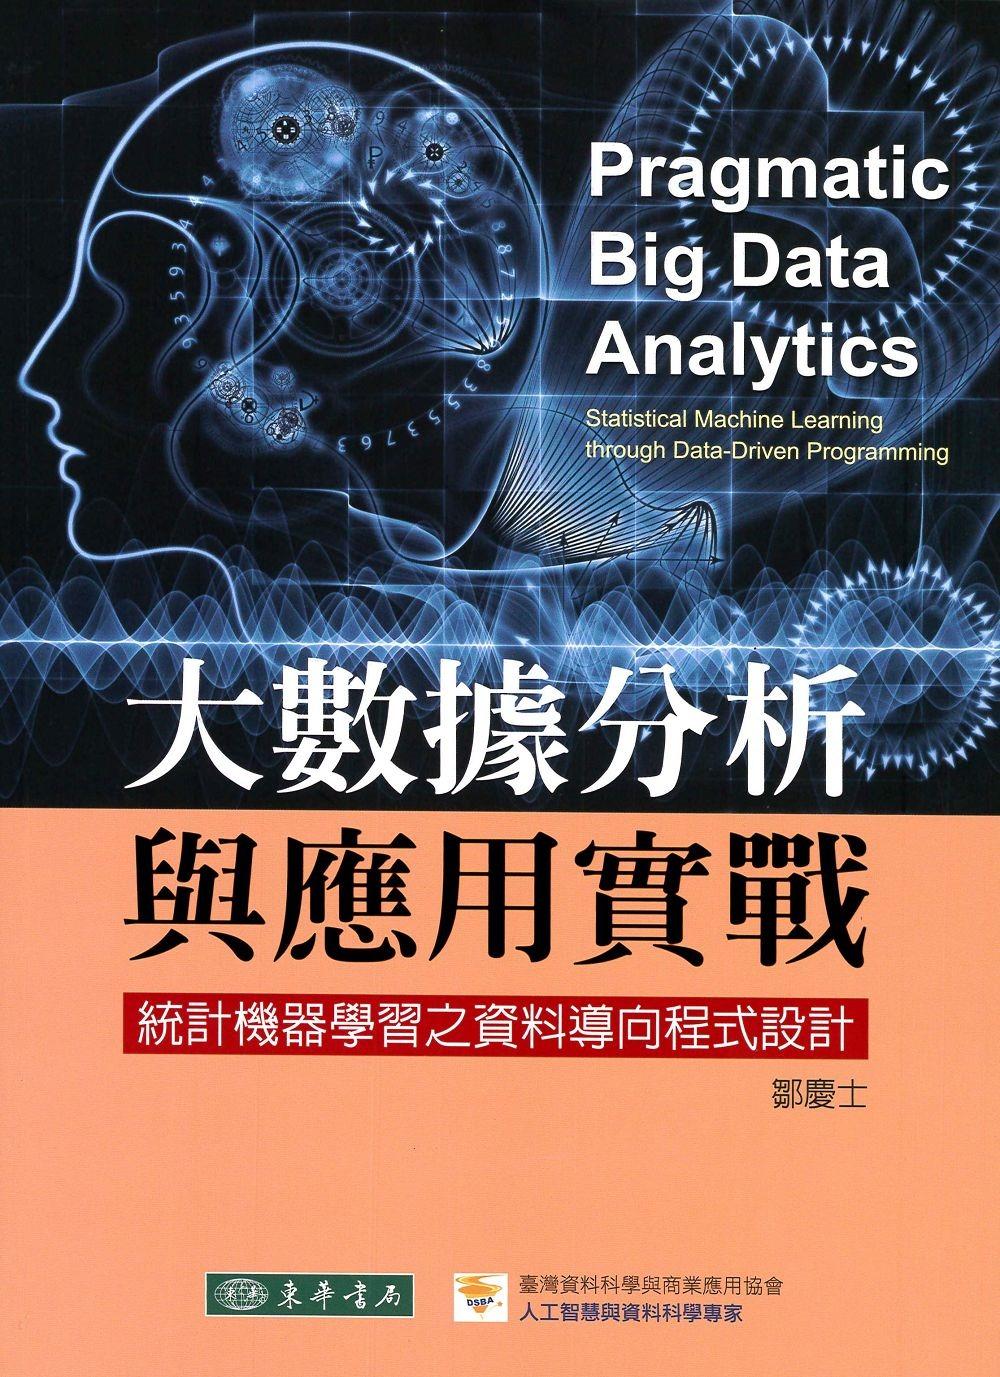 大數據分析與應用實戰:統計機器學習之資料導向程式設計